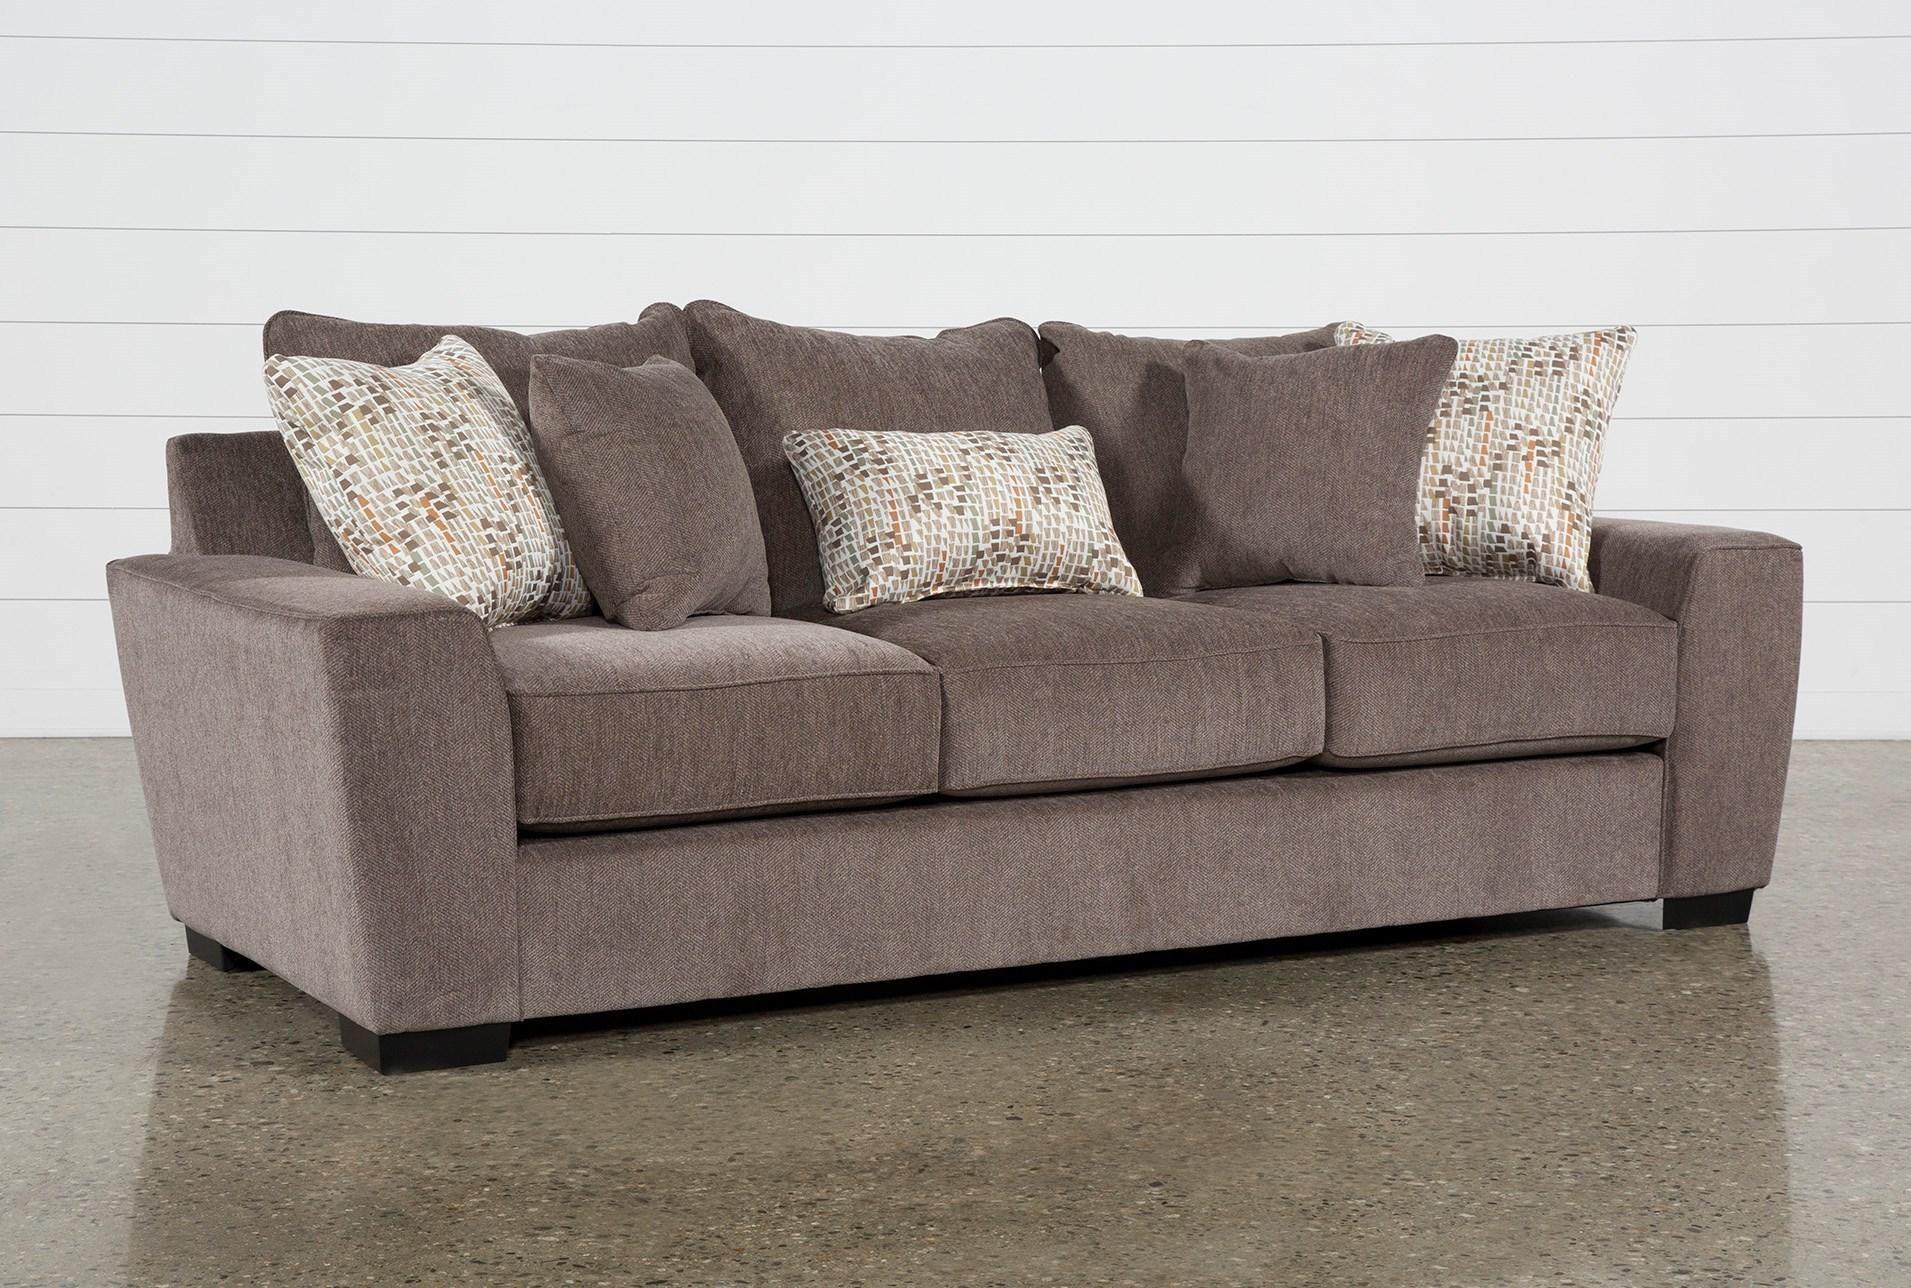 Parker Ii Sofa Fabric Sofa Buy Leather Sofa Sofa